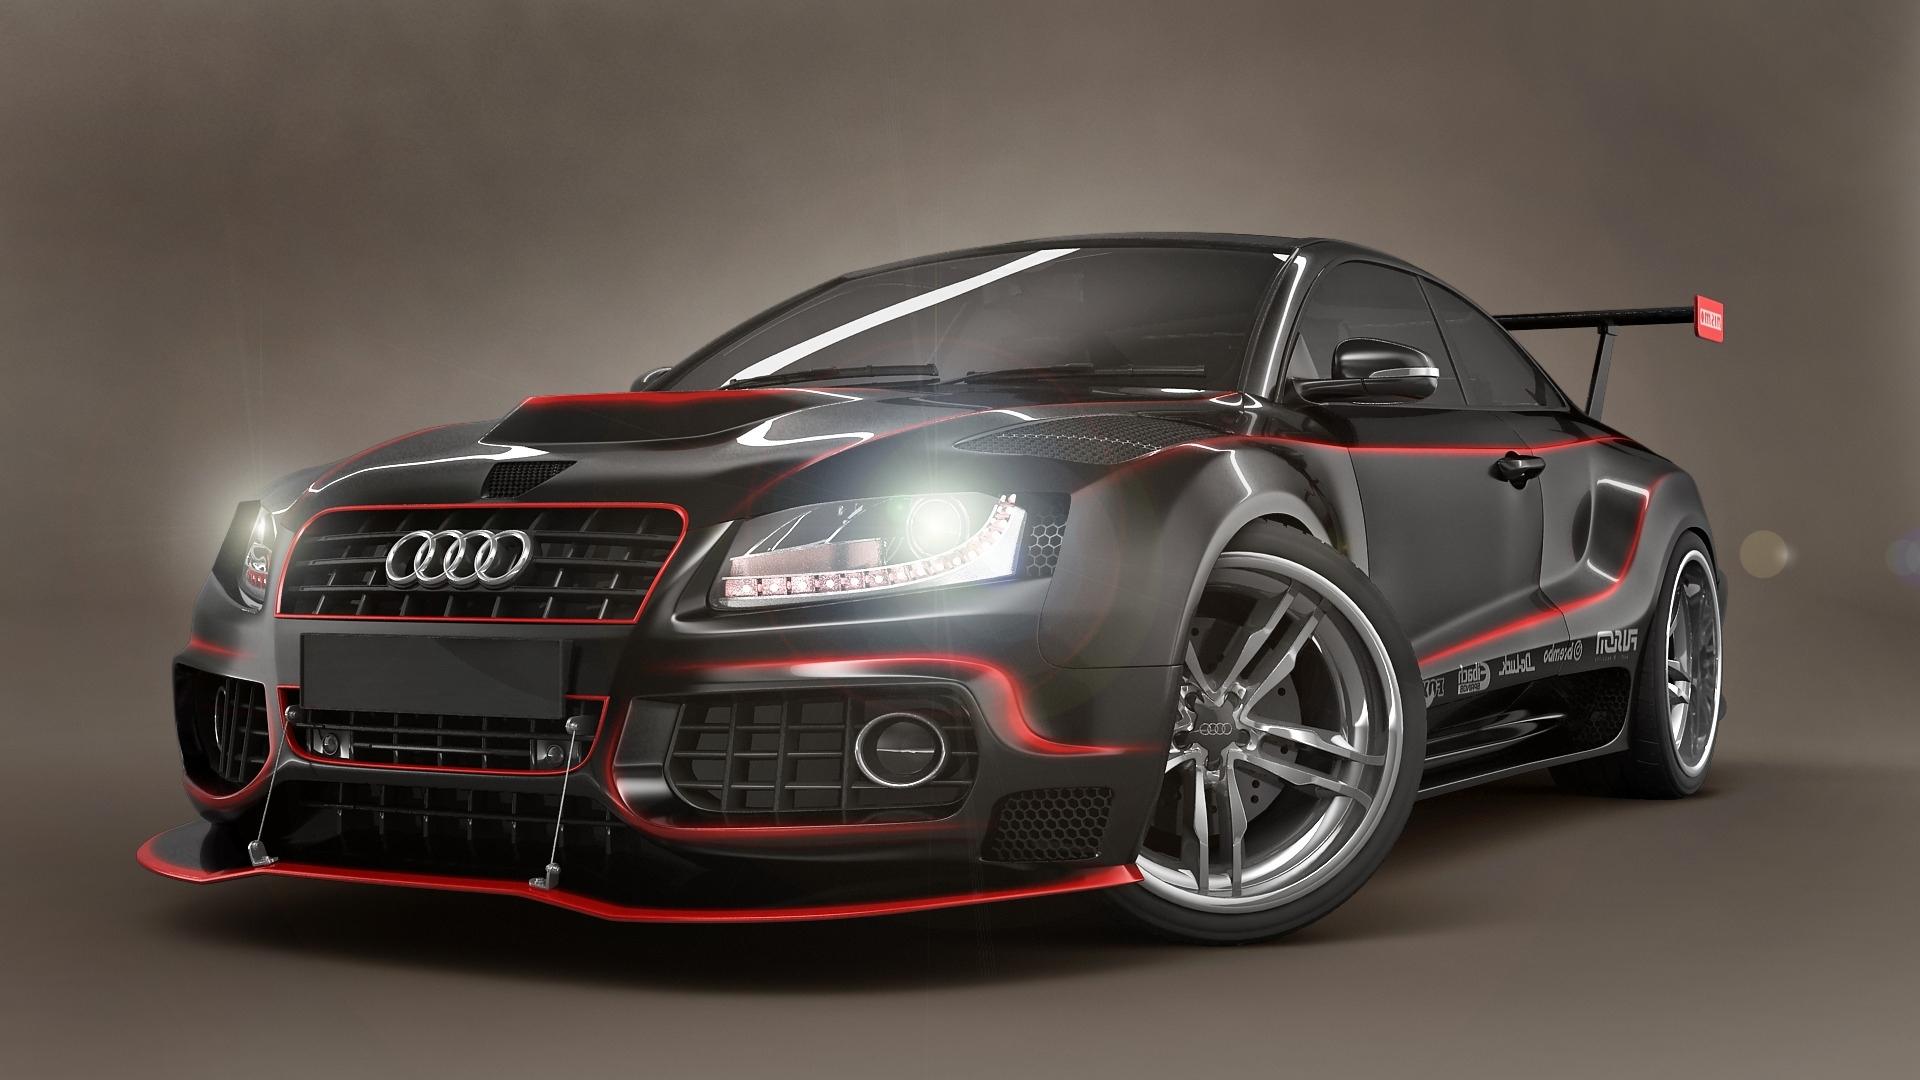 48436 скачать обои Транспорт, Машины, Ауди (Audi) - заставки и картинки бесплатно